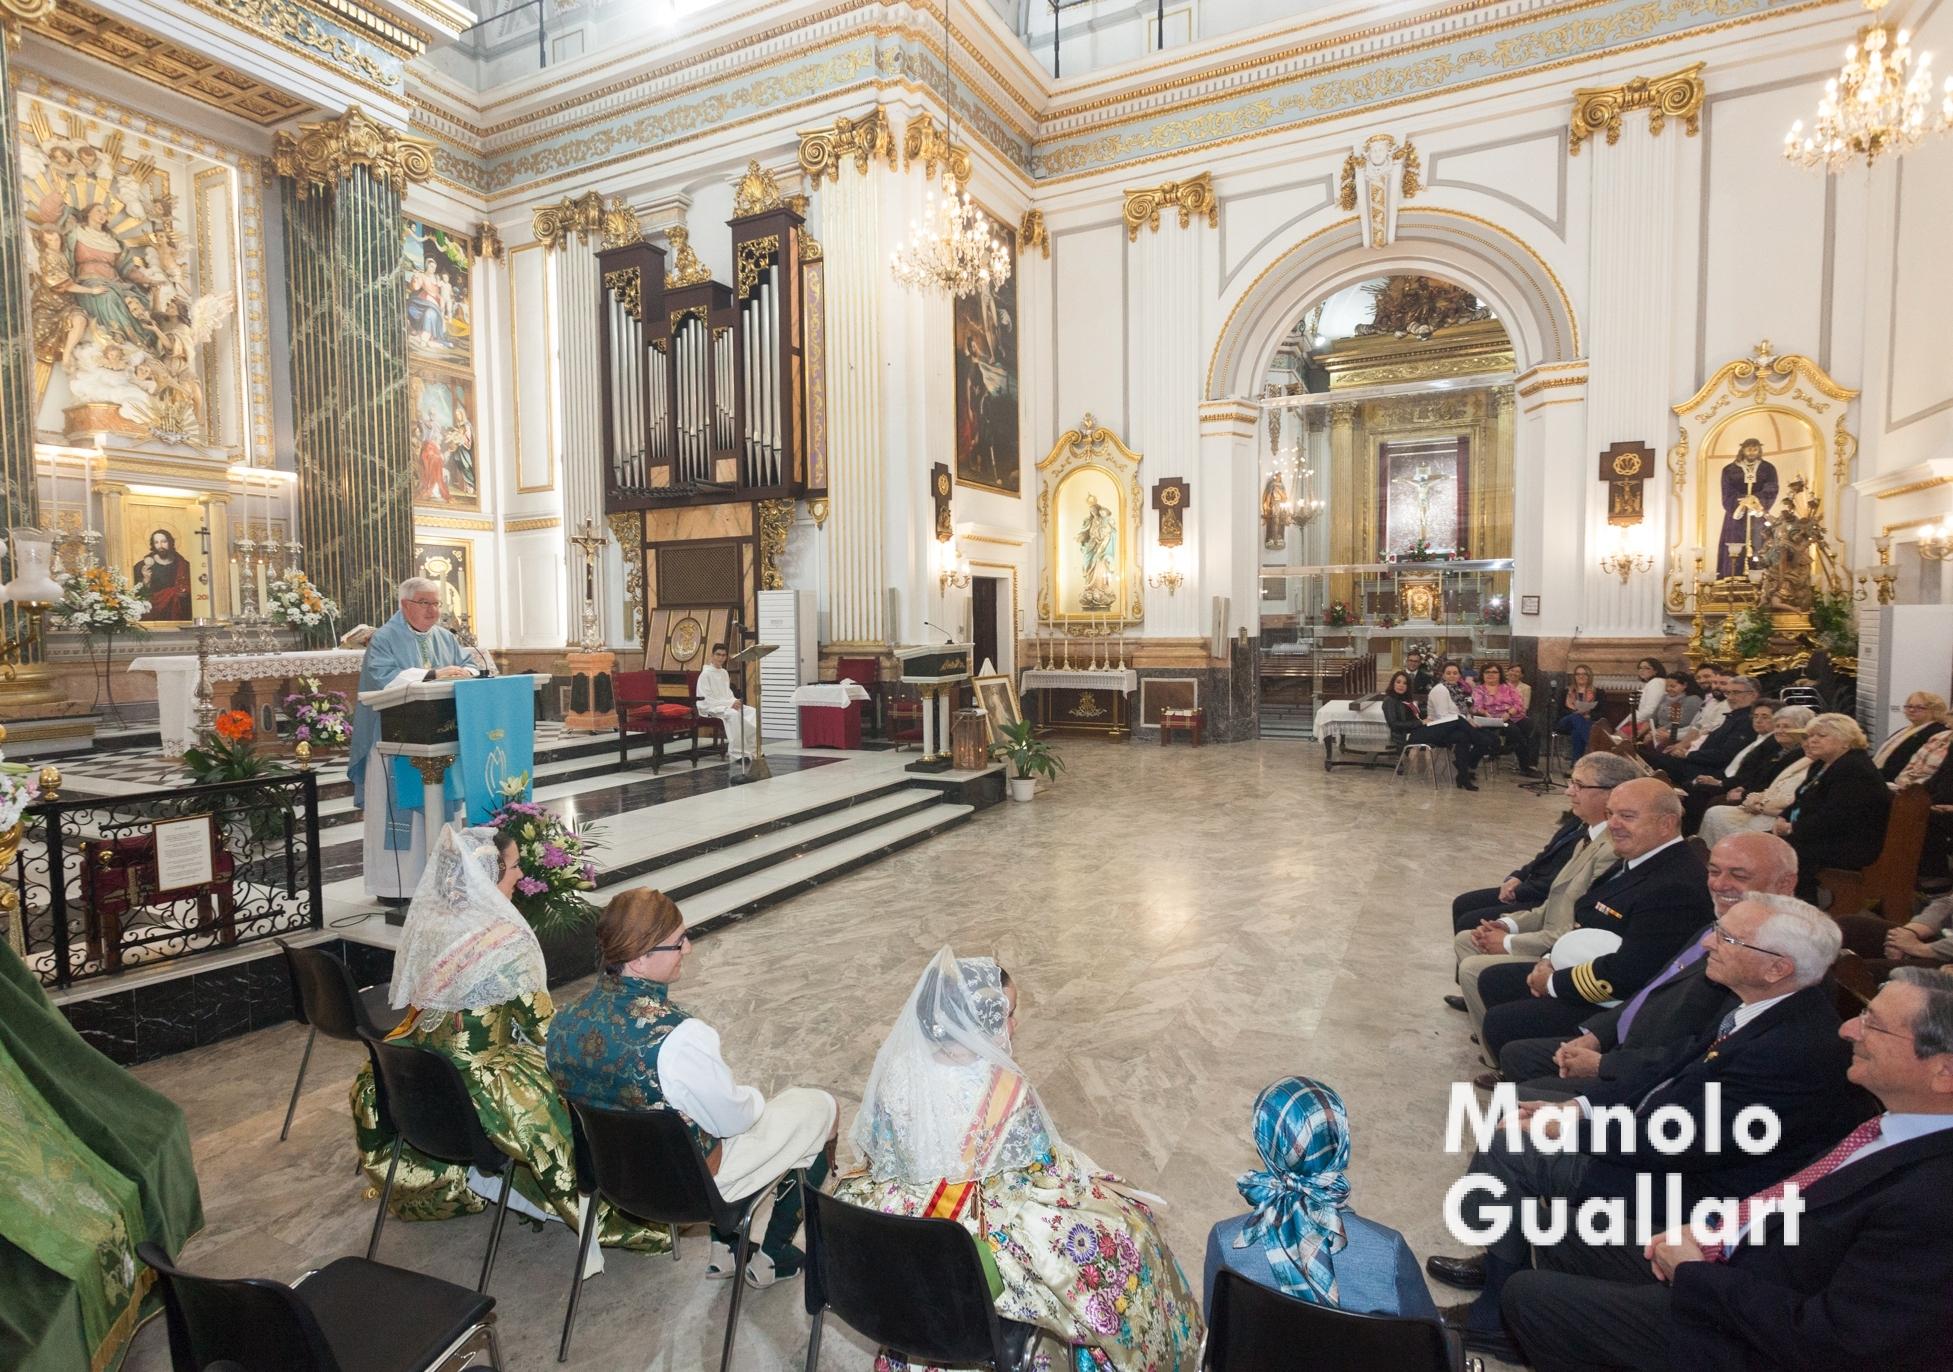 Celebración de la Asunción de María. Parroquia de Santa María del Mar (al fondo la capilla del Cristo del Grao). Foto de Manolo Guallart.